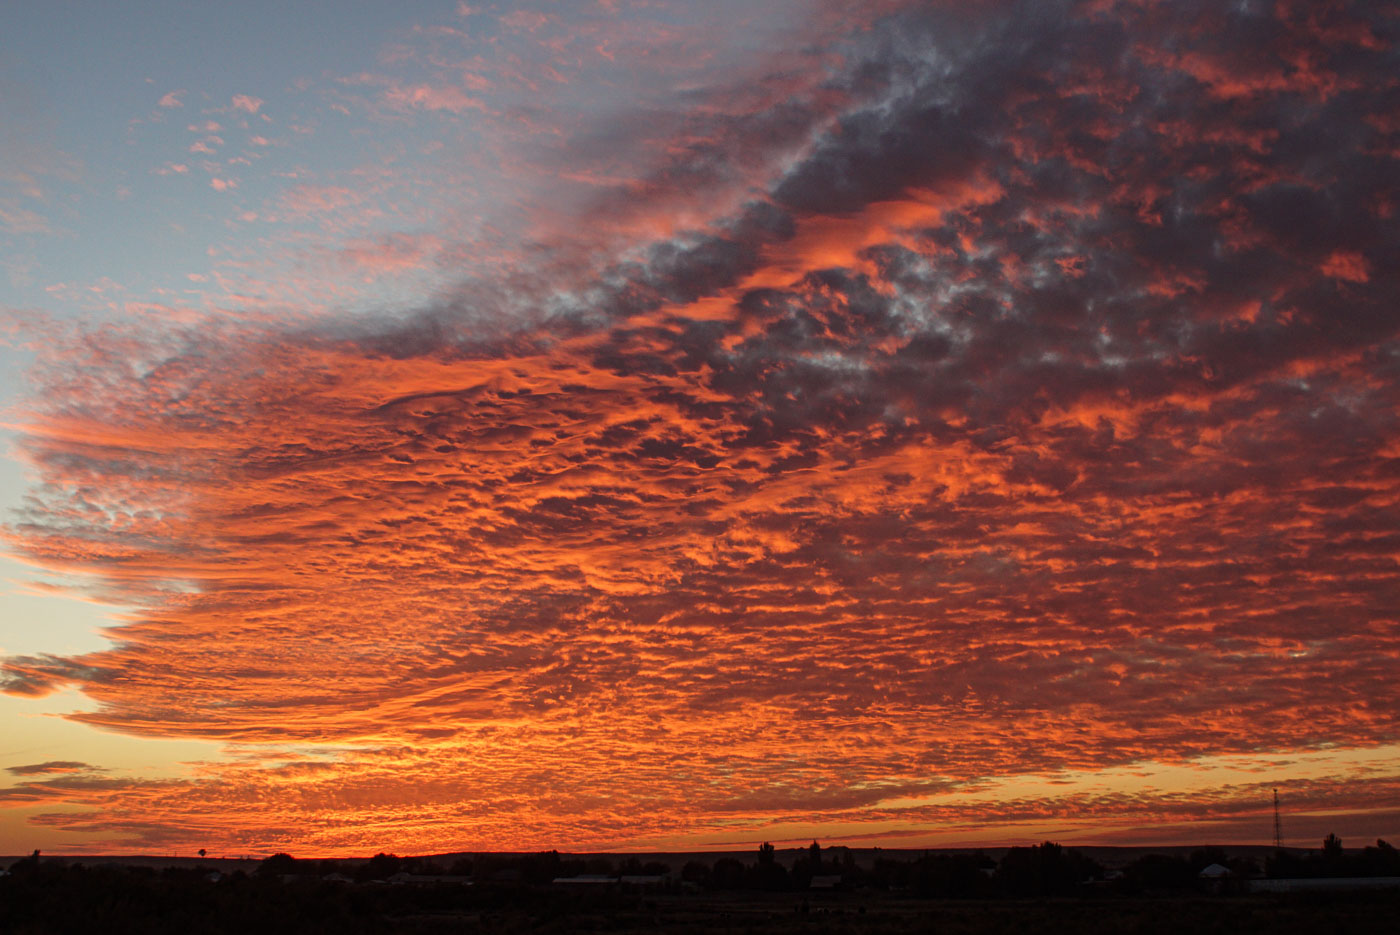 zu sehen sind dichte Wolken Formationen die von unten von der untergehenden Sonne bestrahlt werden sie werden in ein oranges rotes Licht getaucht und bilden so einen spektakulären Anblick.